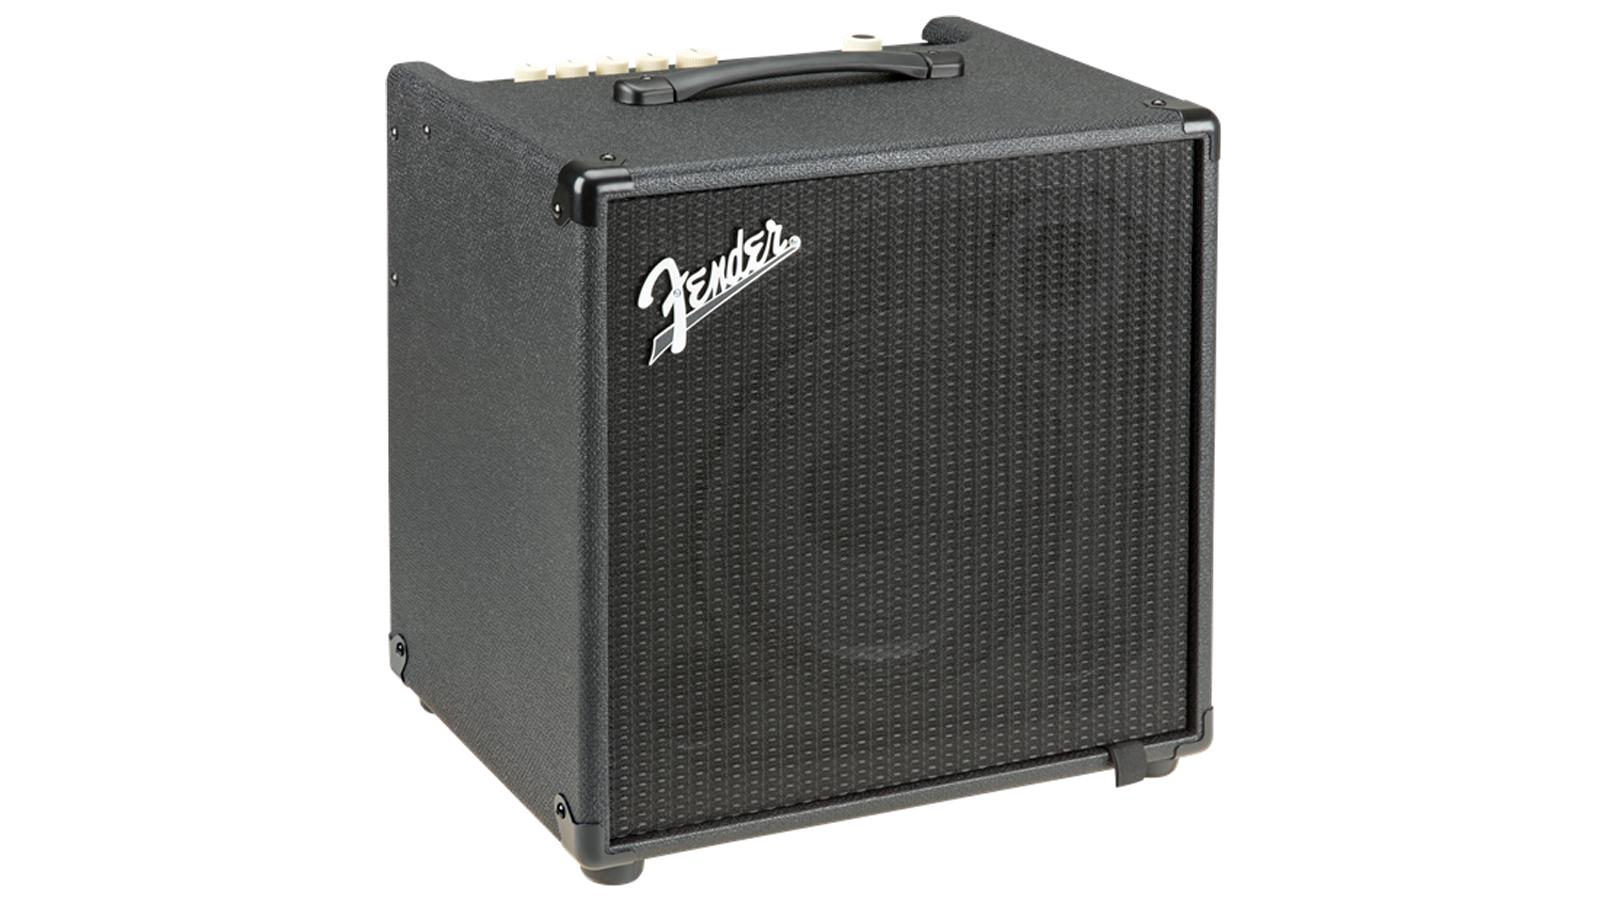 Fender Rumble Studio 40 Bassverstärker